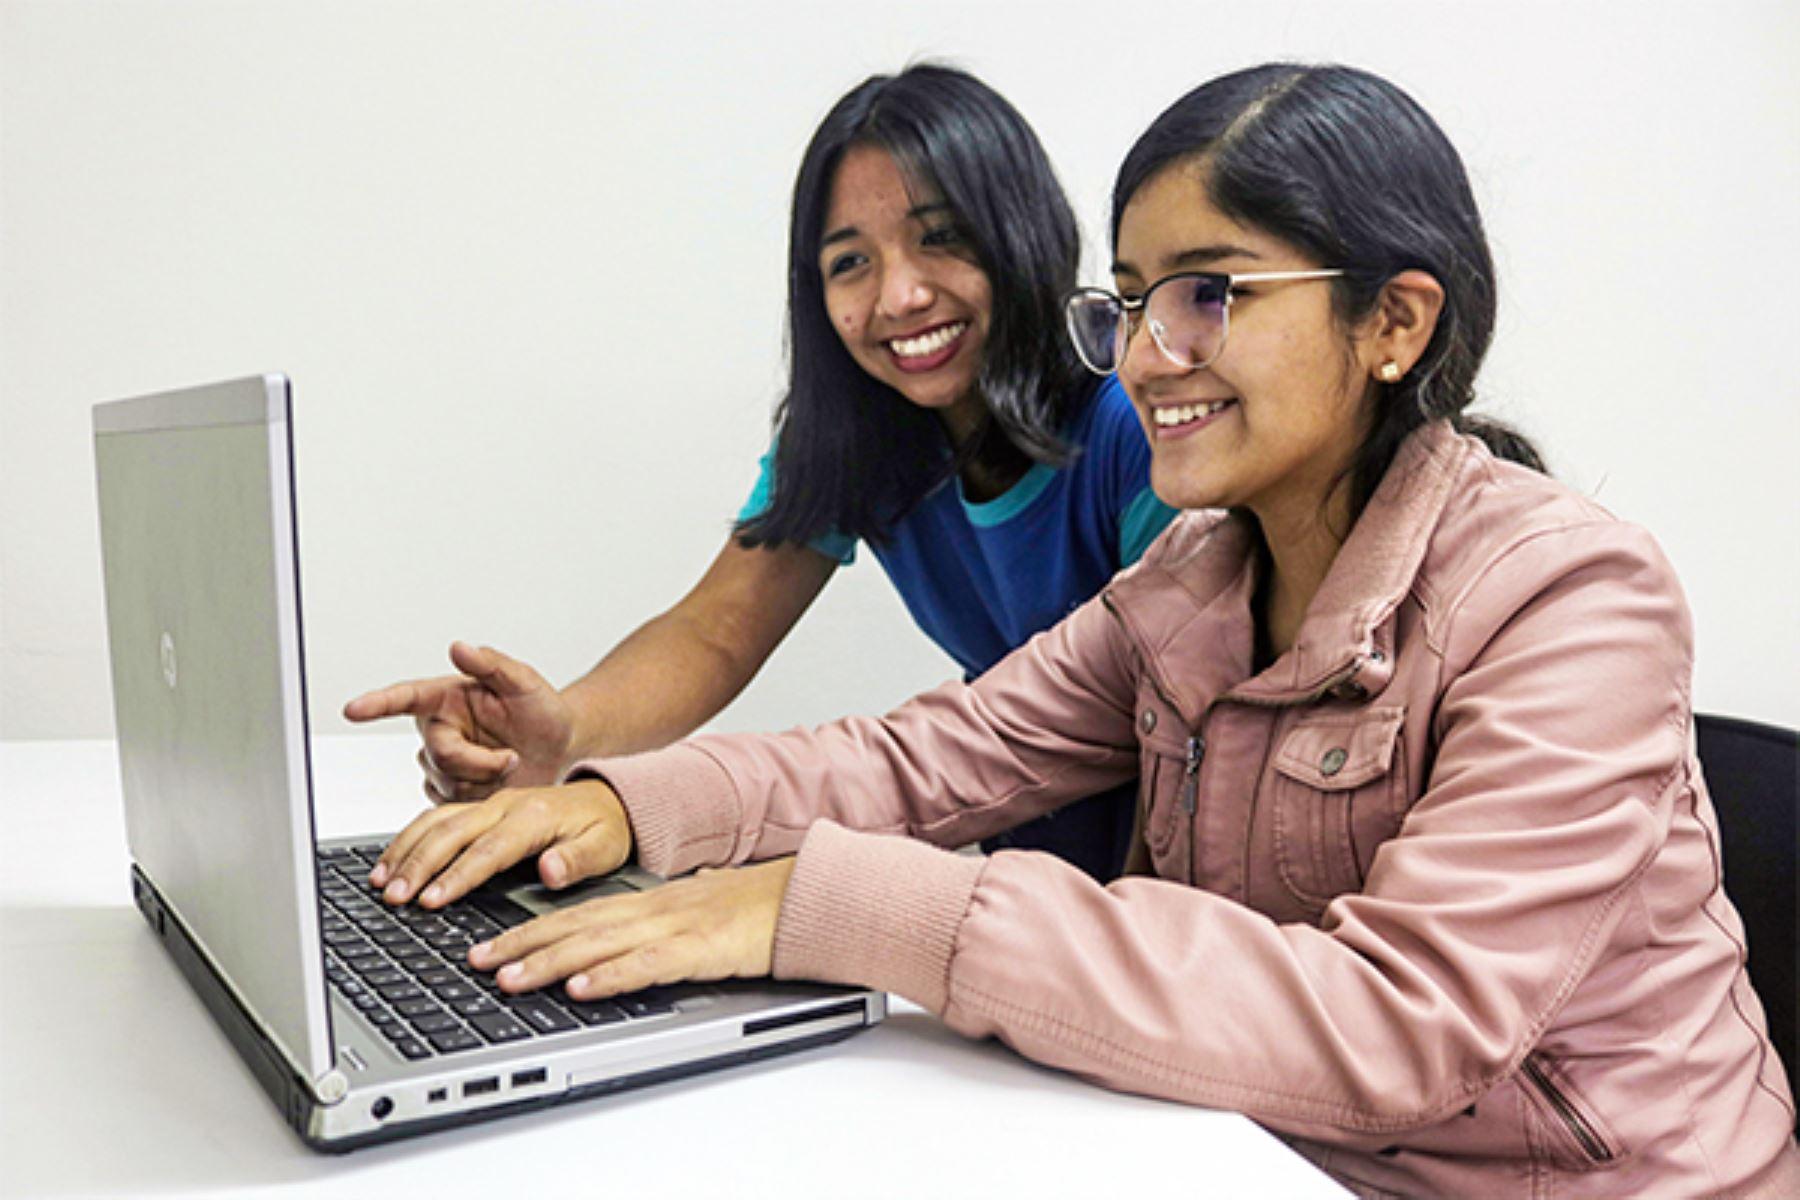 Postulación de mayores de 14 años es virtual y el plazo vence el 27 de septiembre. Foto: ANDINA/MML